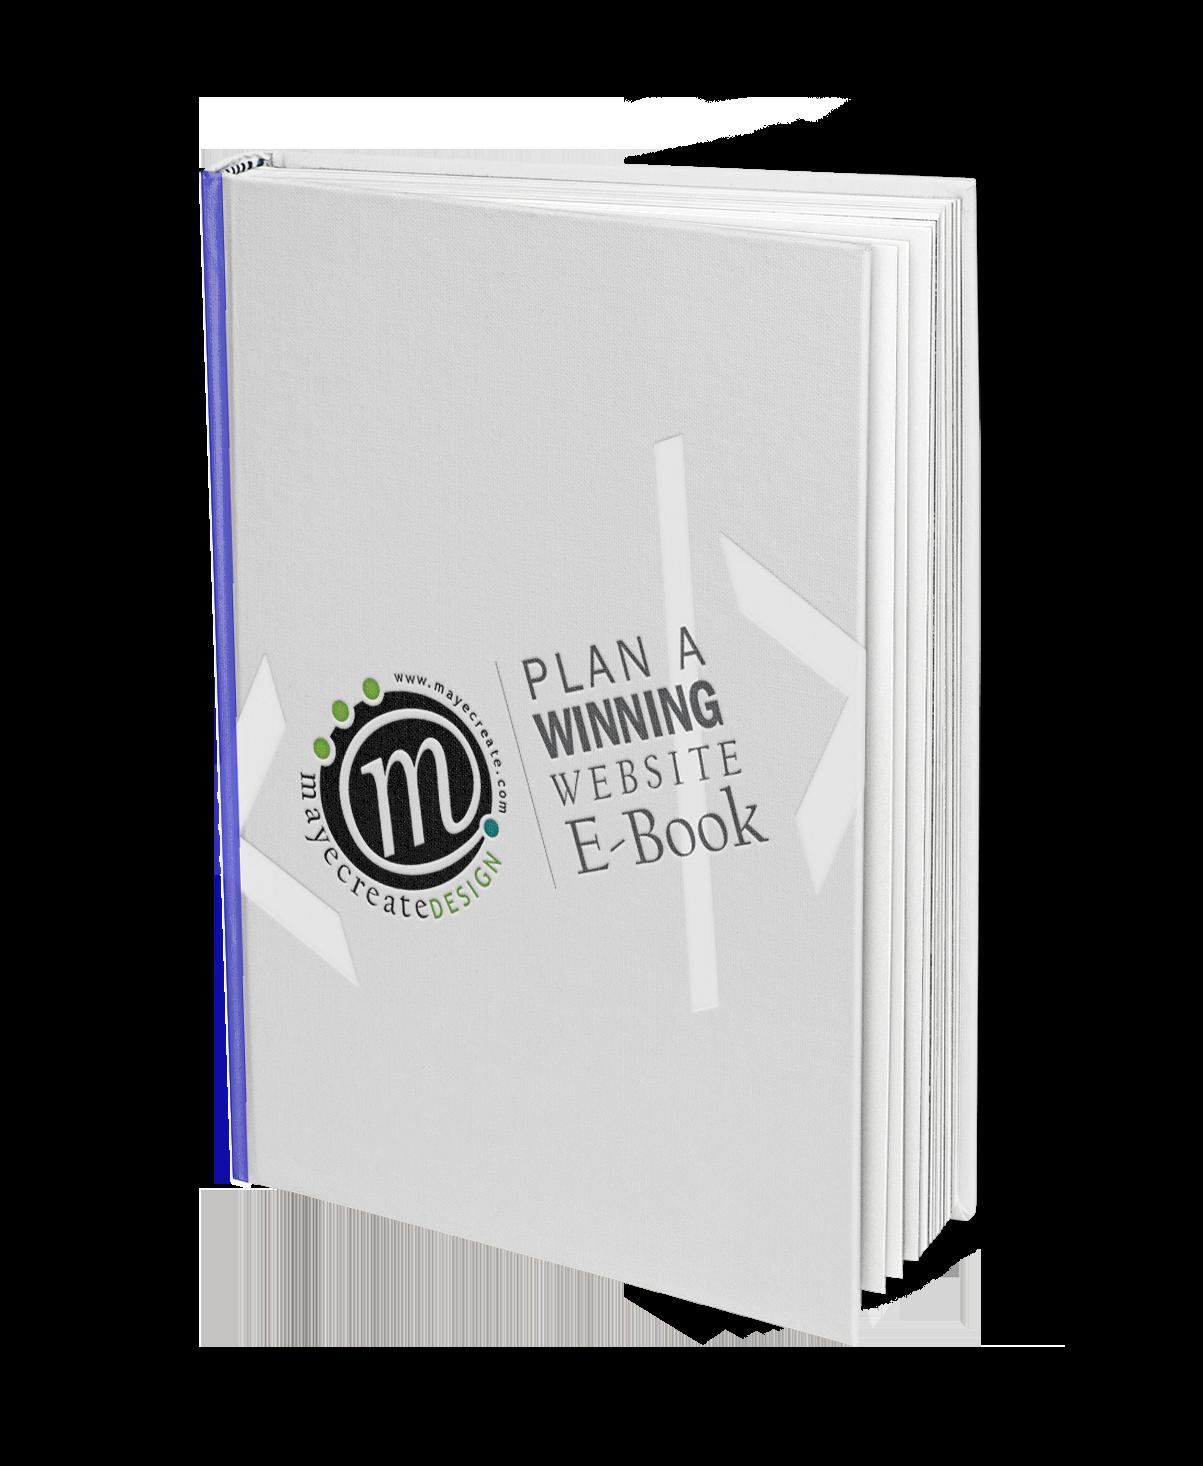 Plan a Winning Website E-Book